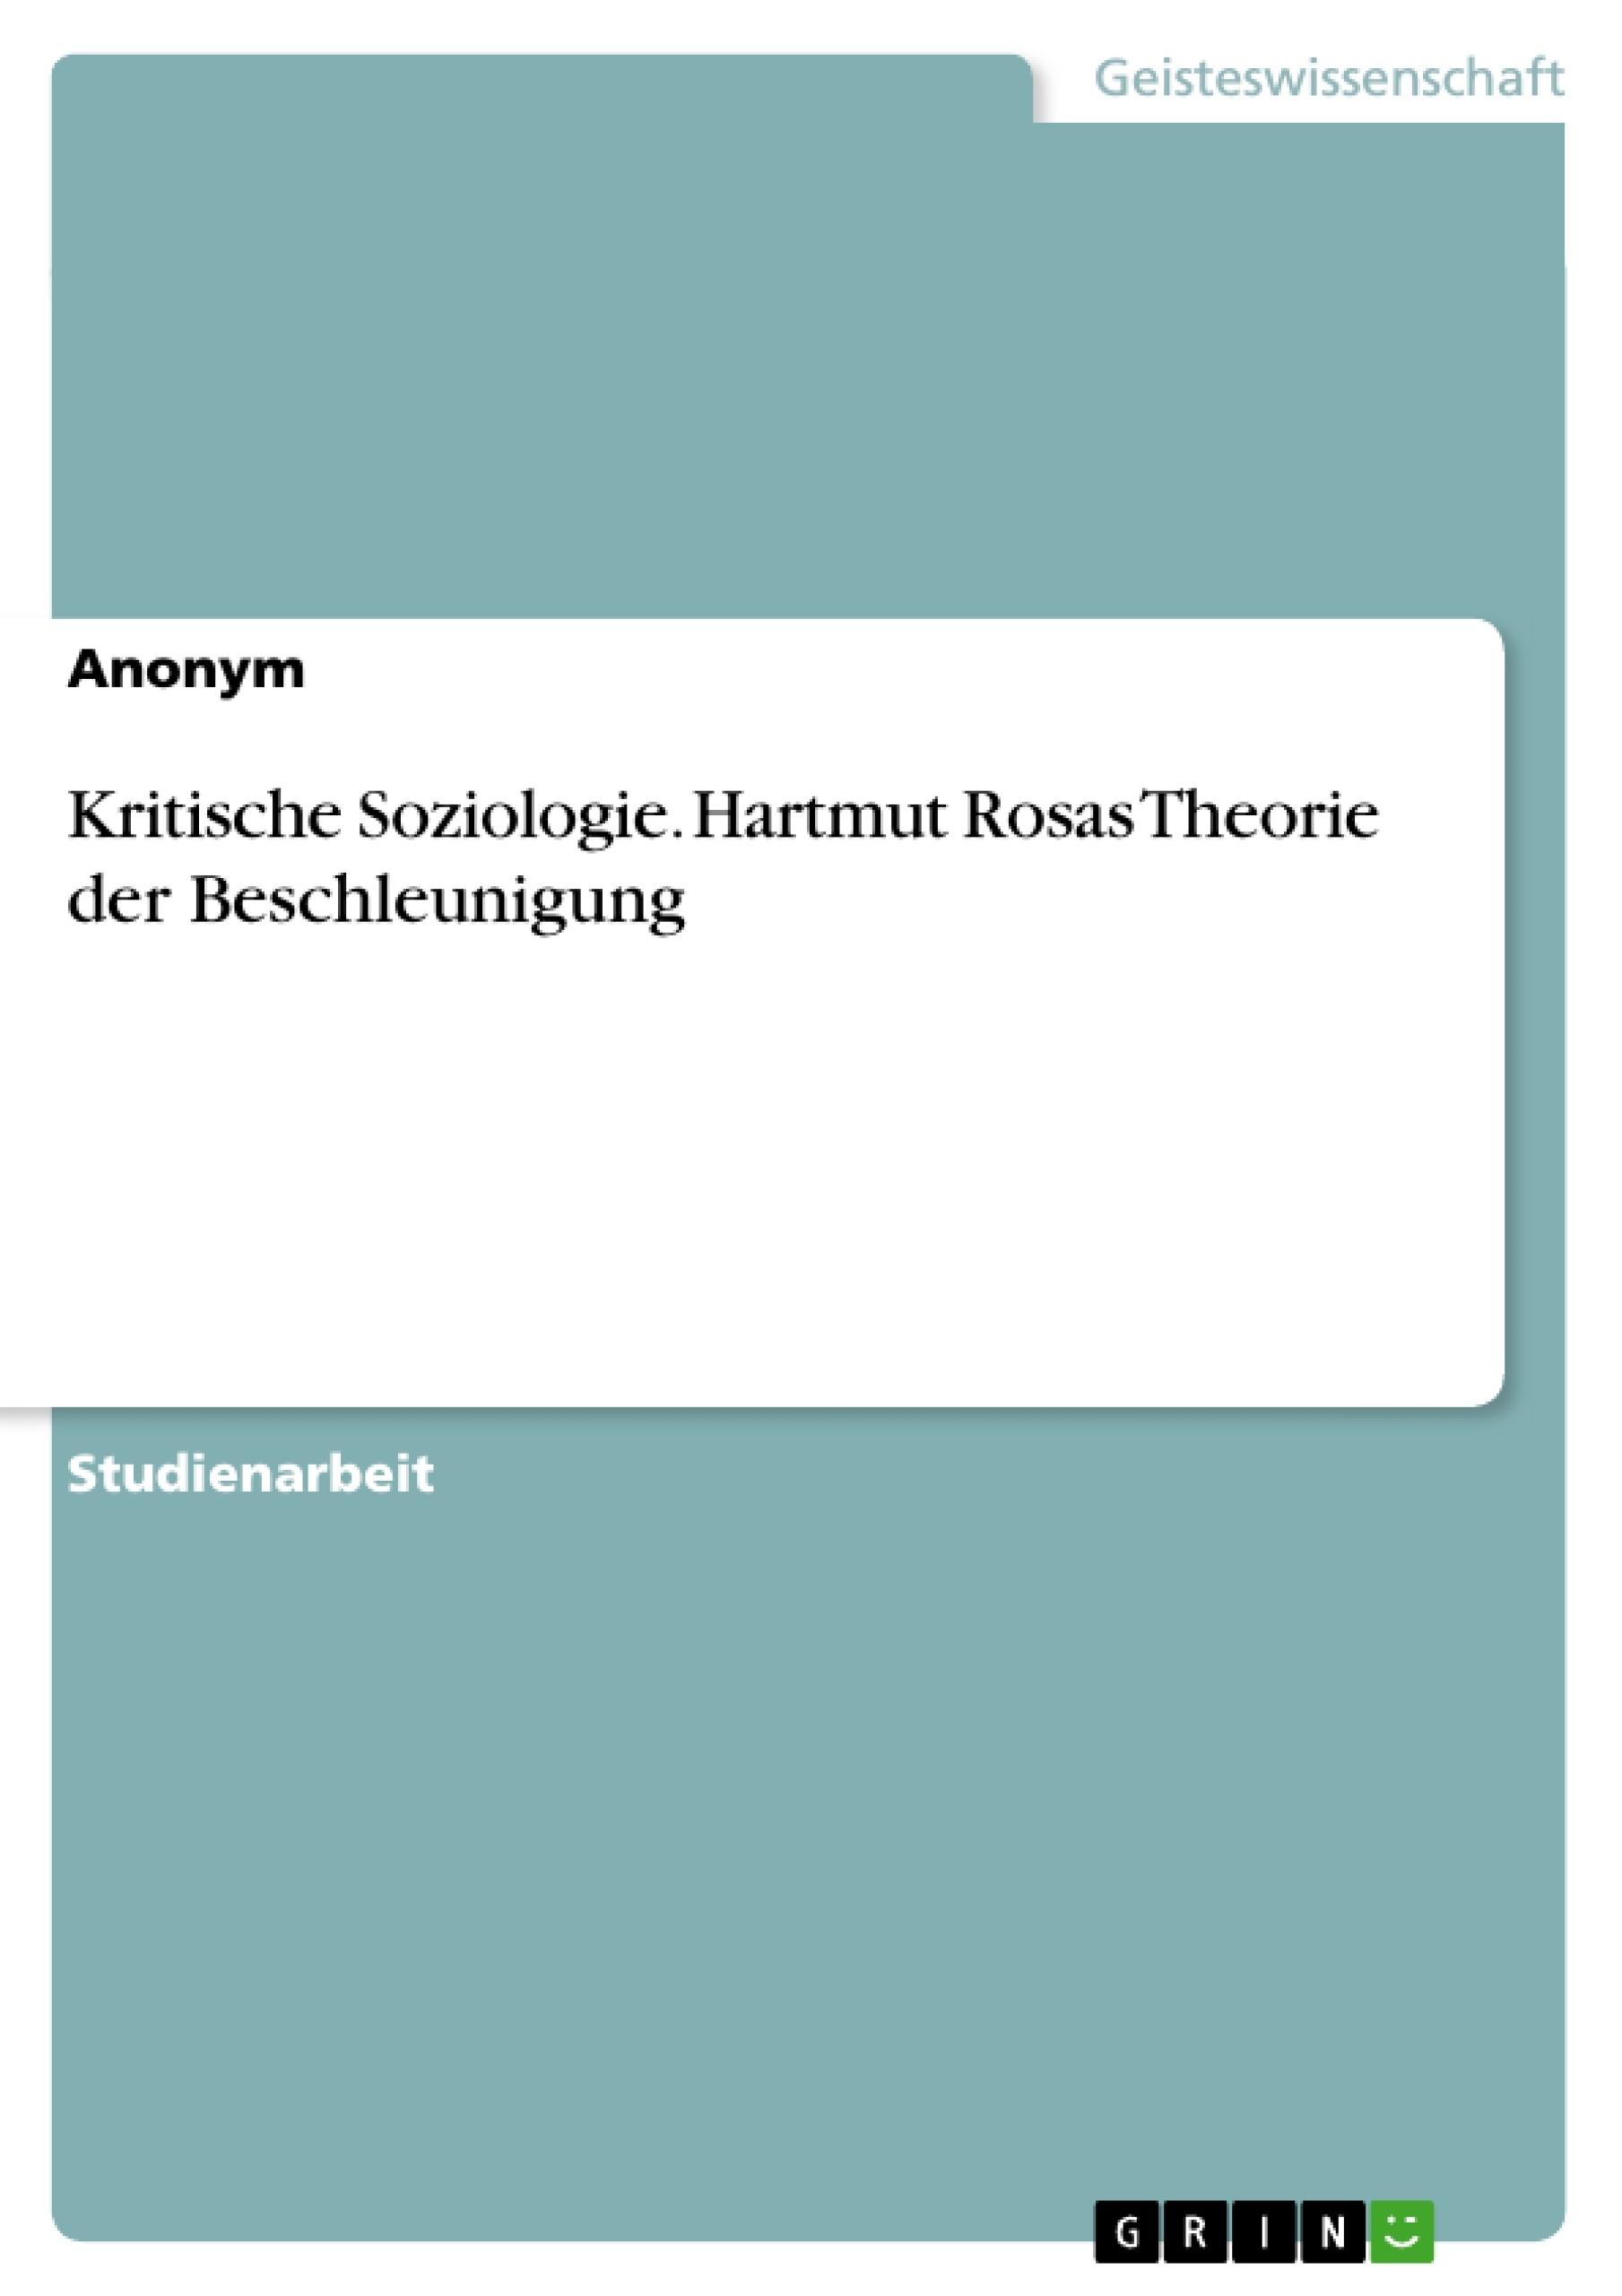 Titel: Kritische Soziologie. Hartmut Rosas Theorie der Beschleunigung